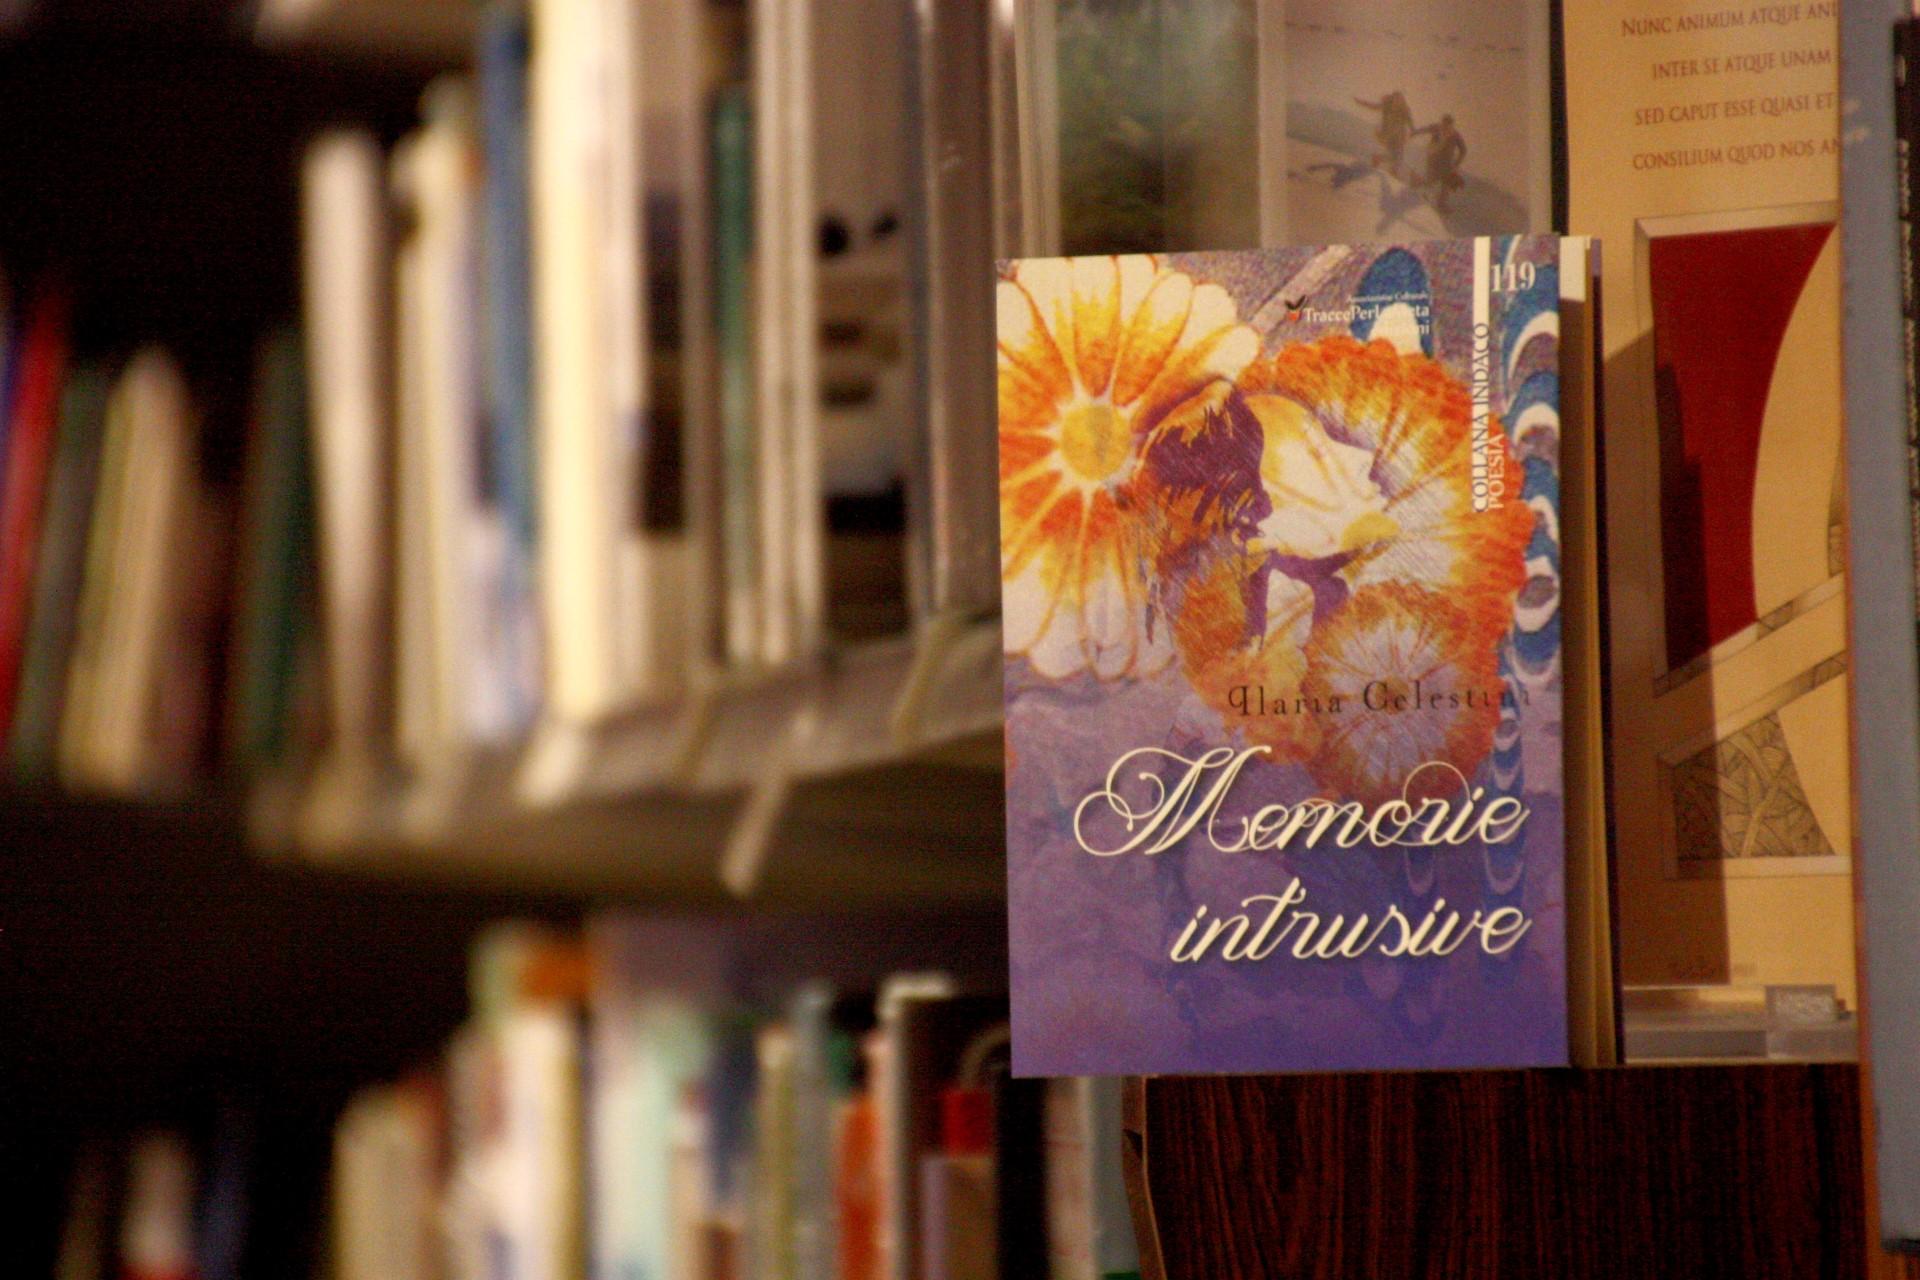 Memorie Intrusive di Ilaria Celestini – Recensione di Luciano Domenighini